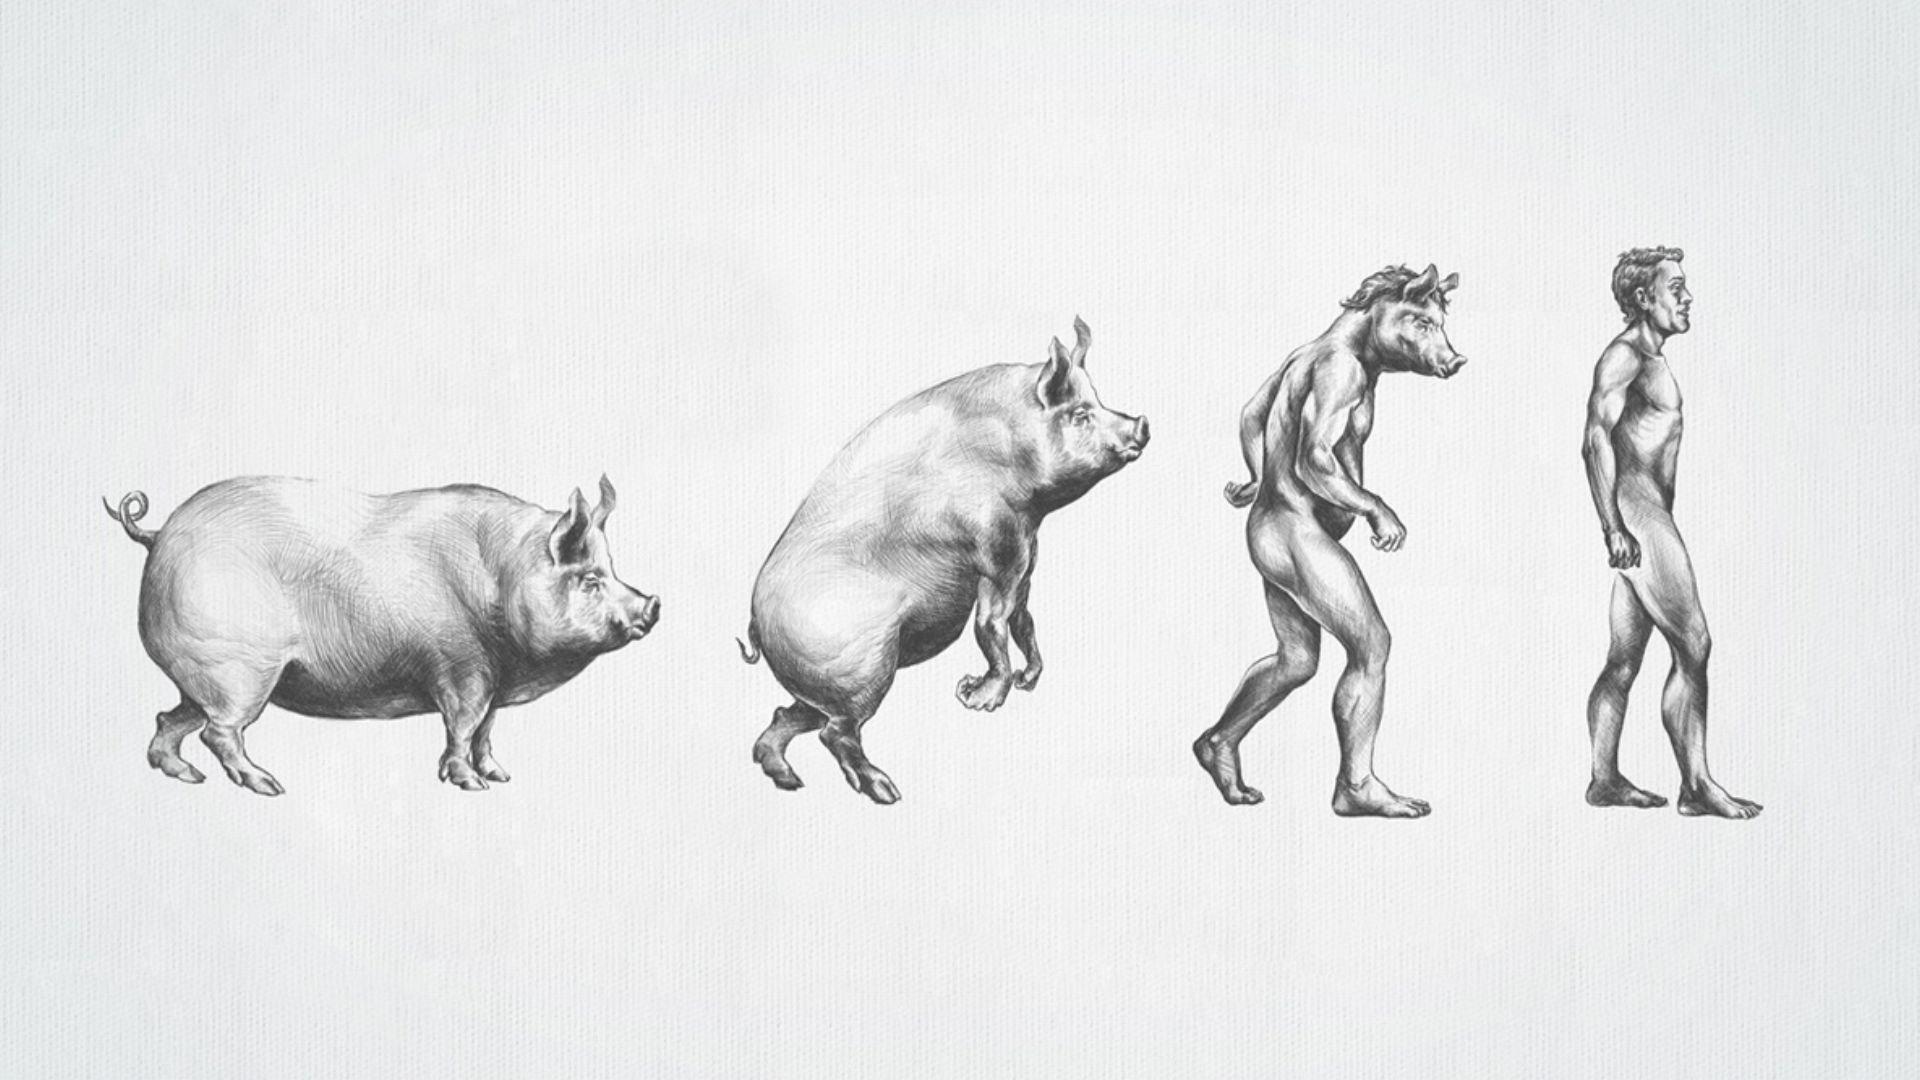 Для оформления, смешные нарисованные картинки с животными и людьми